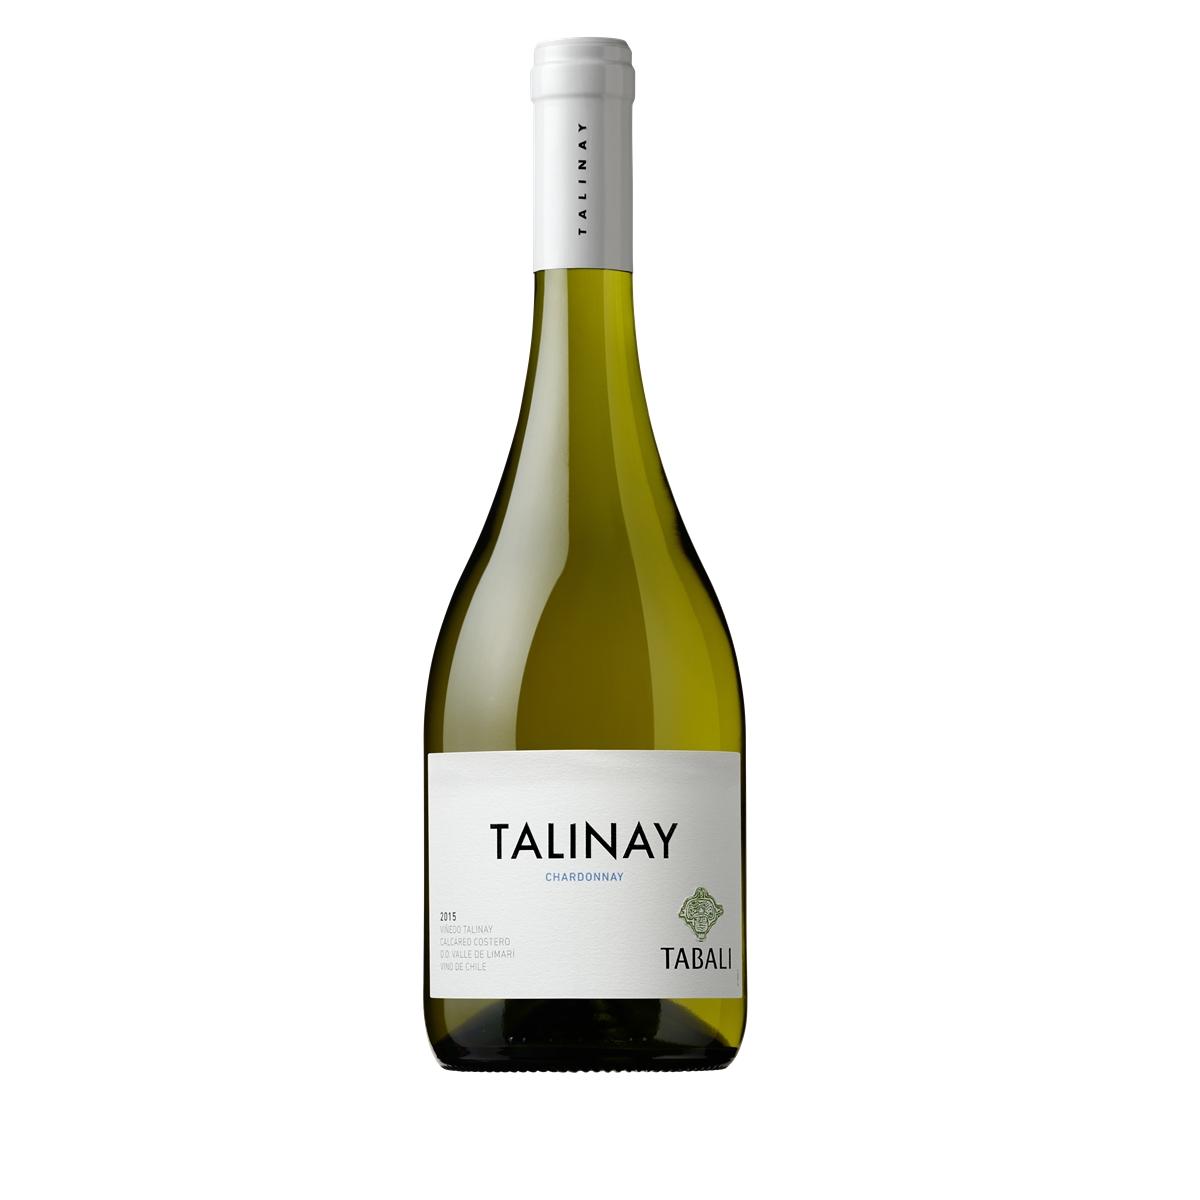 智利利马里谷达百利霞多丽泰利干白葡萄酒